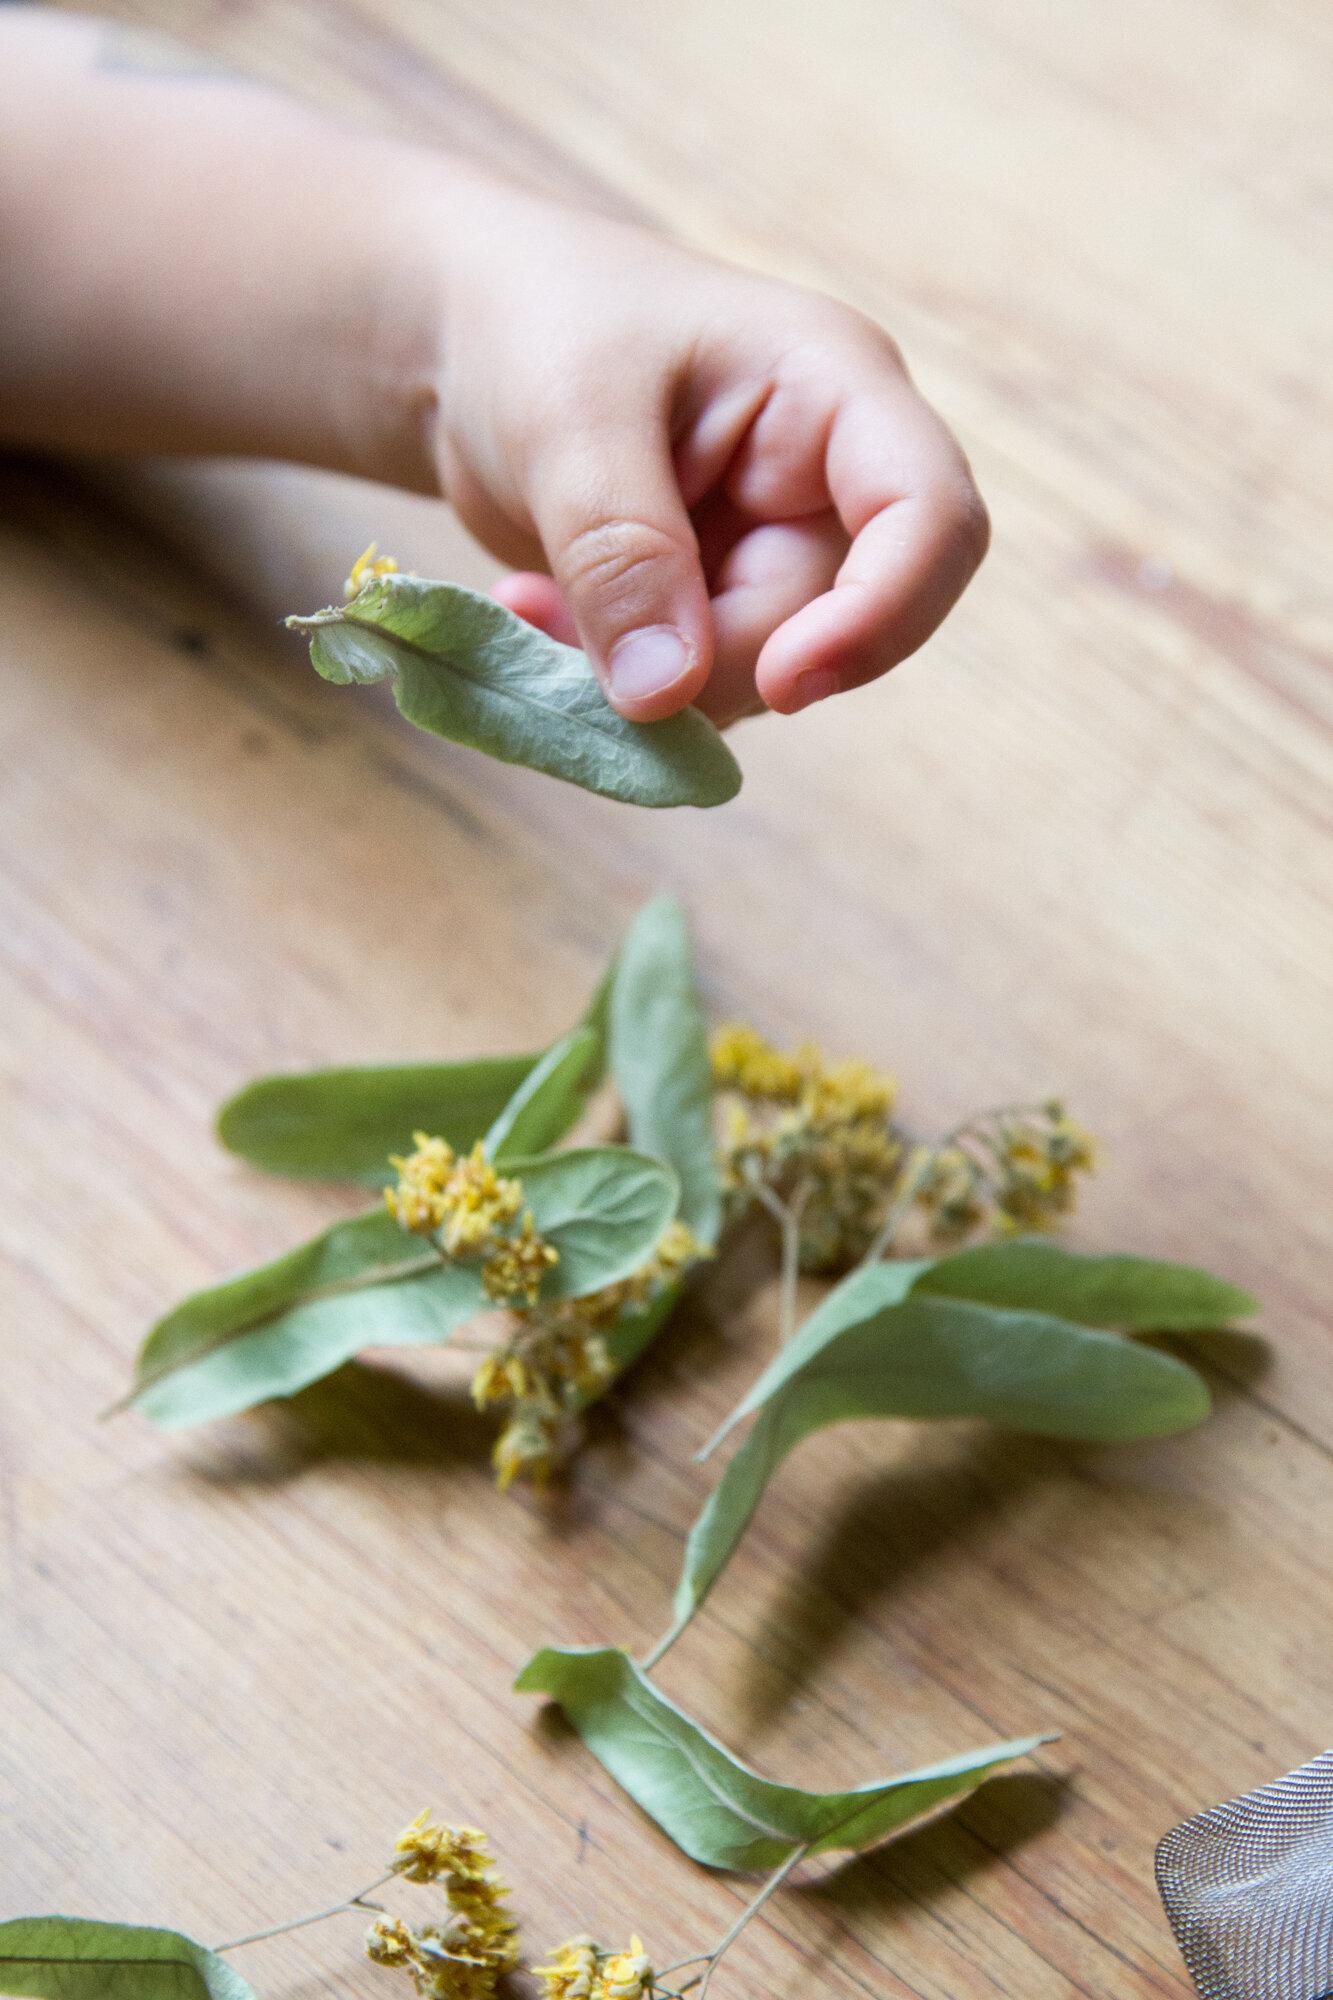 Make Your Own Linden Leaf Tea